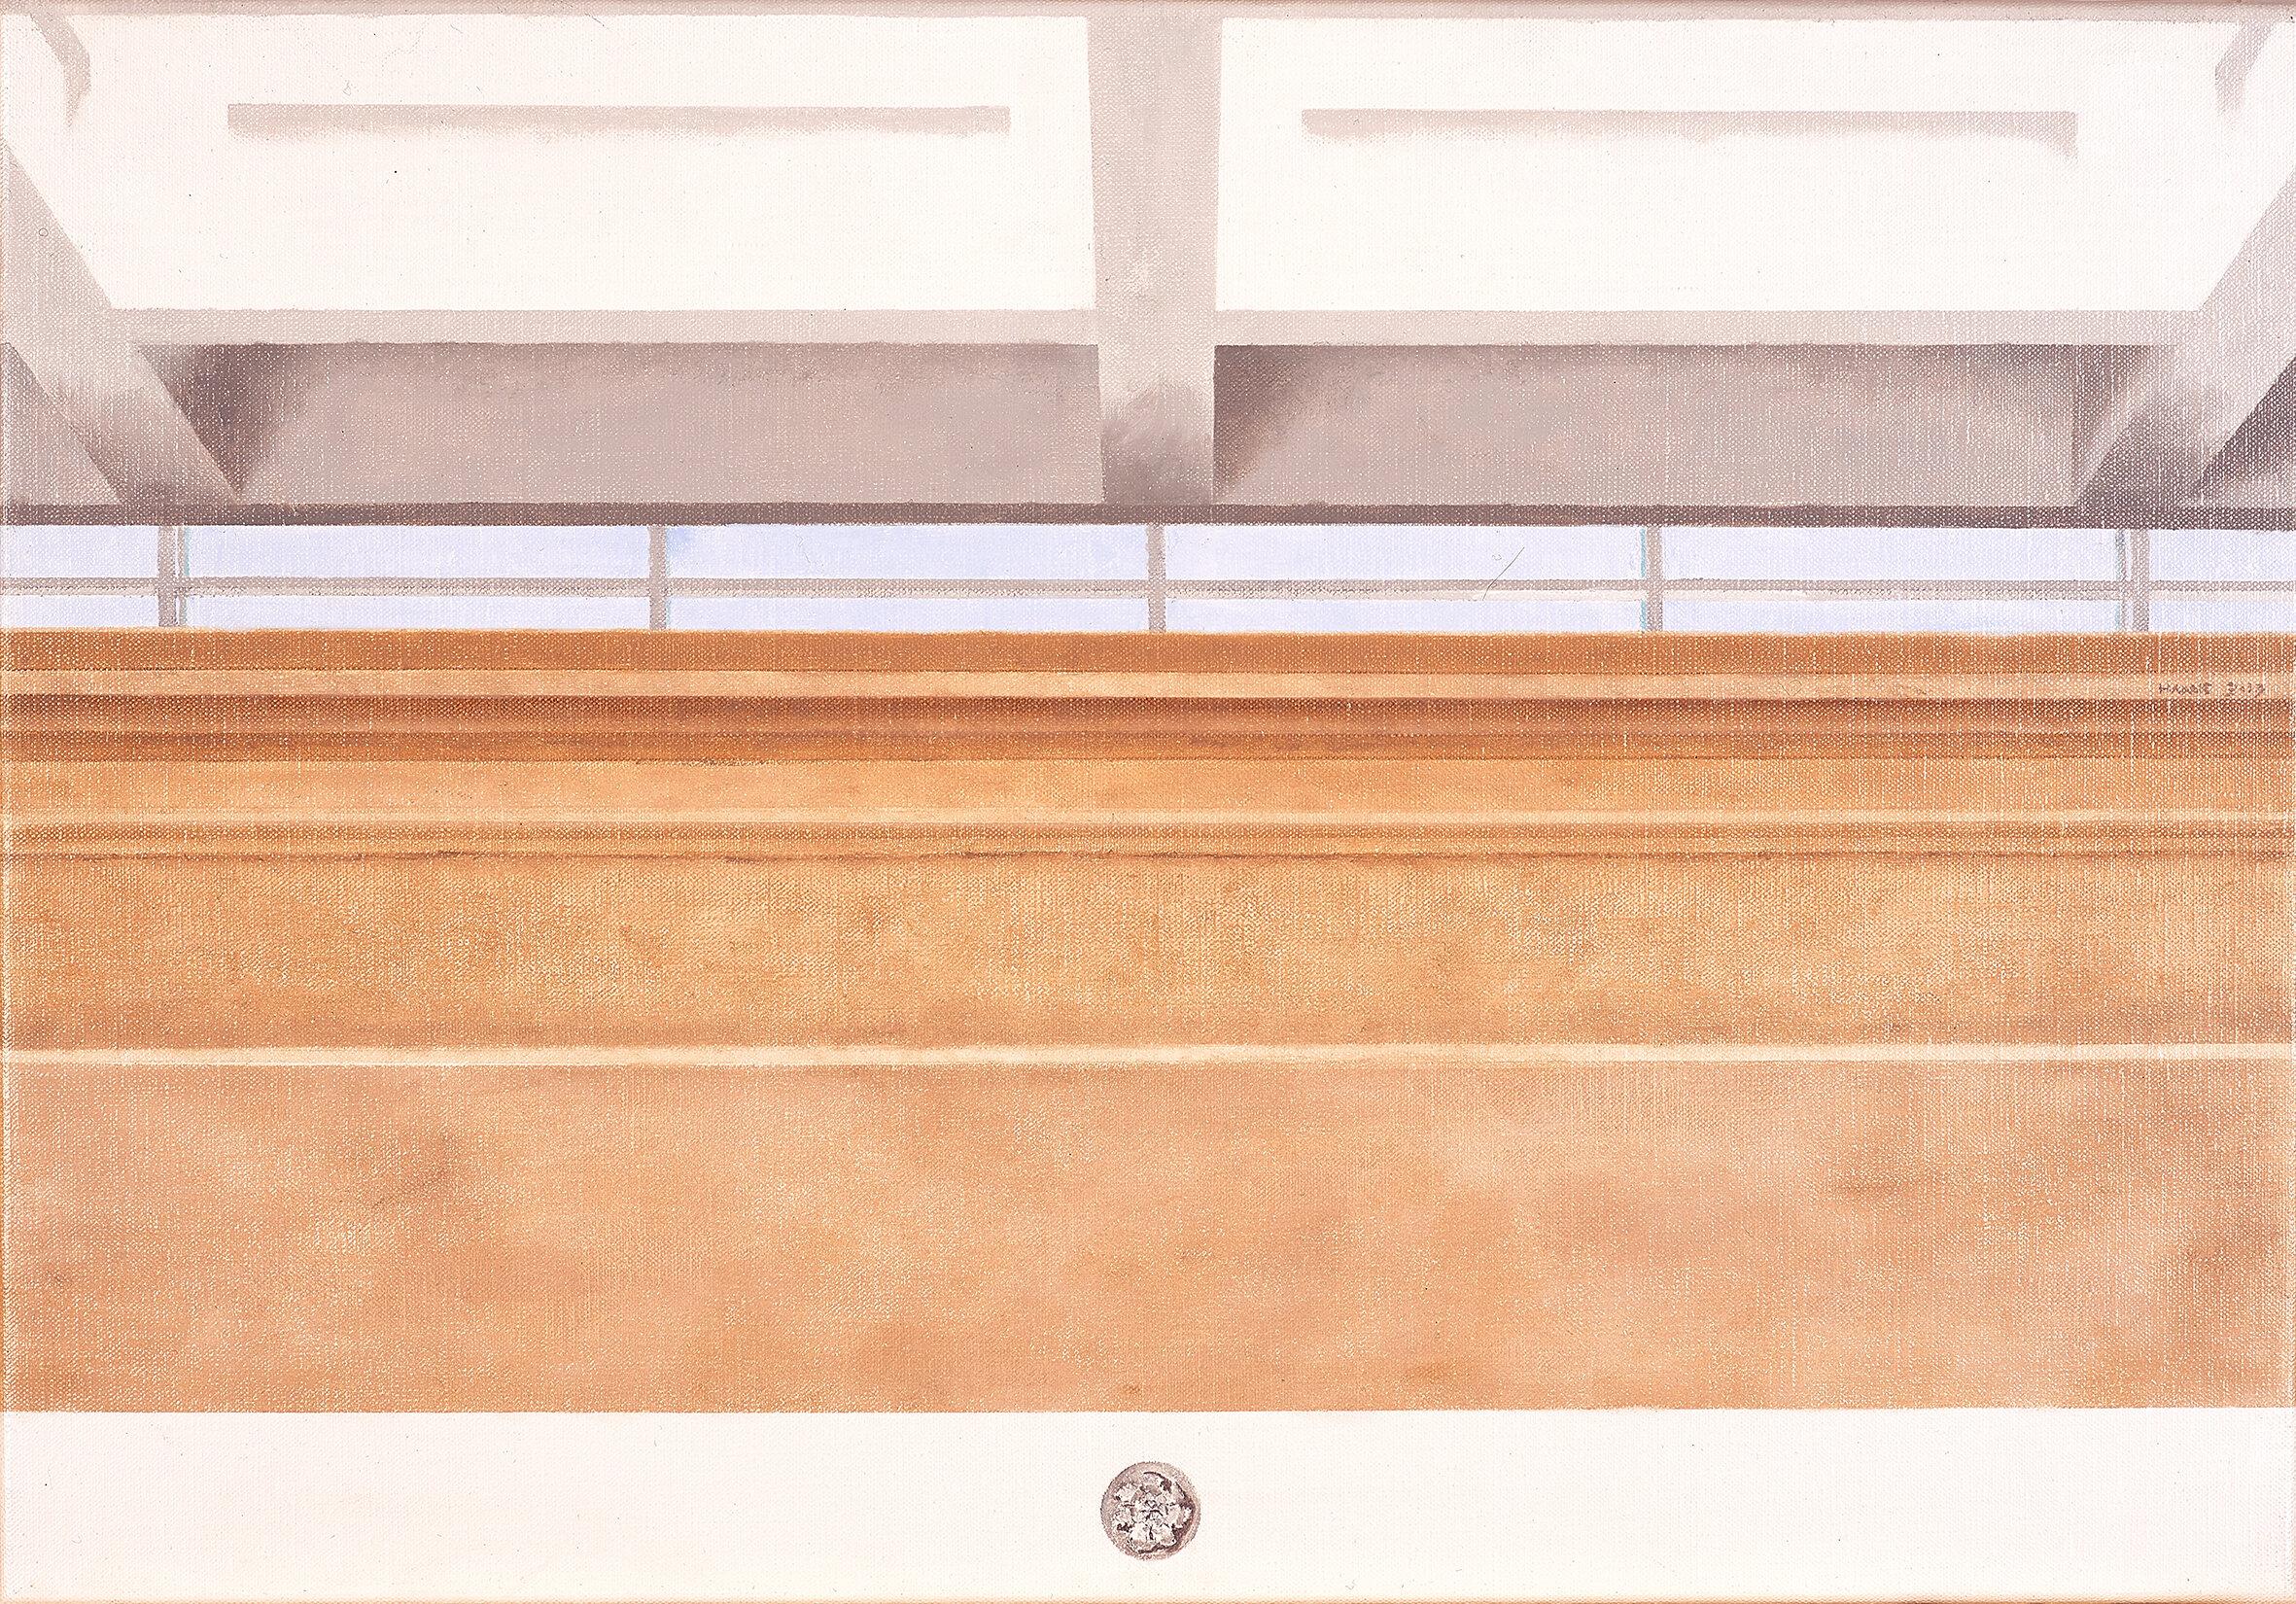 Museo dell'Ara Pacis, Roma  2019 Olio su lino, 40 x 58 cm € 970